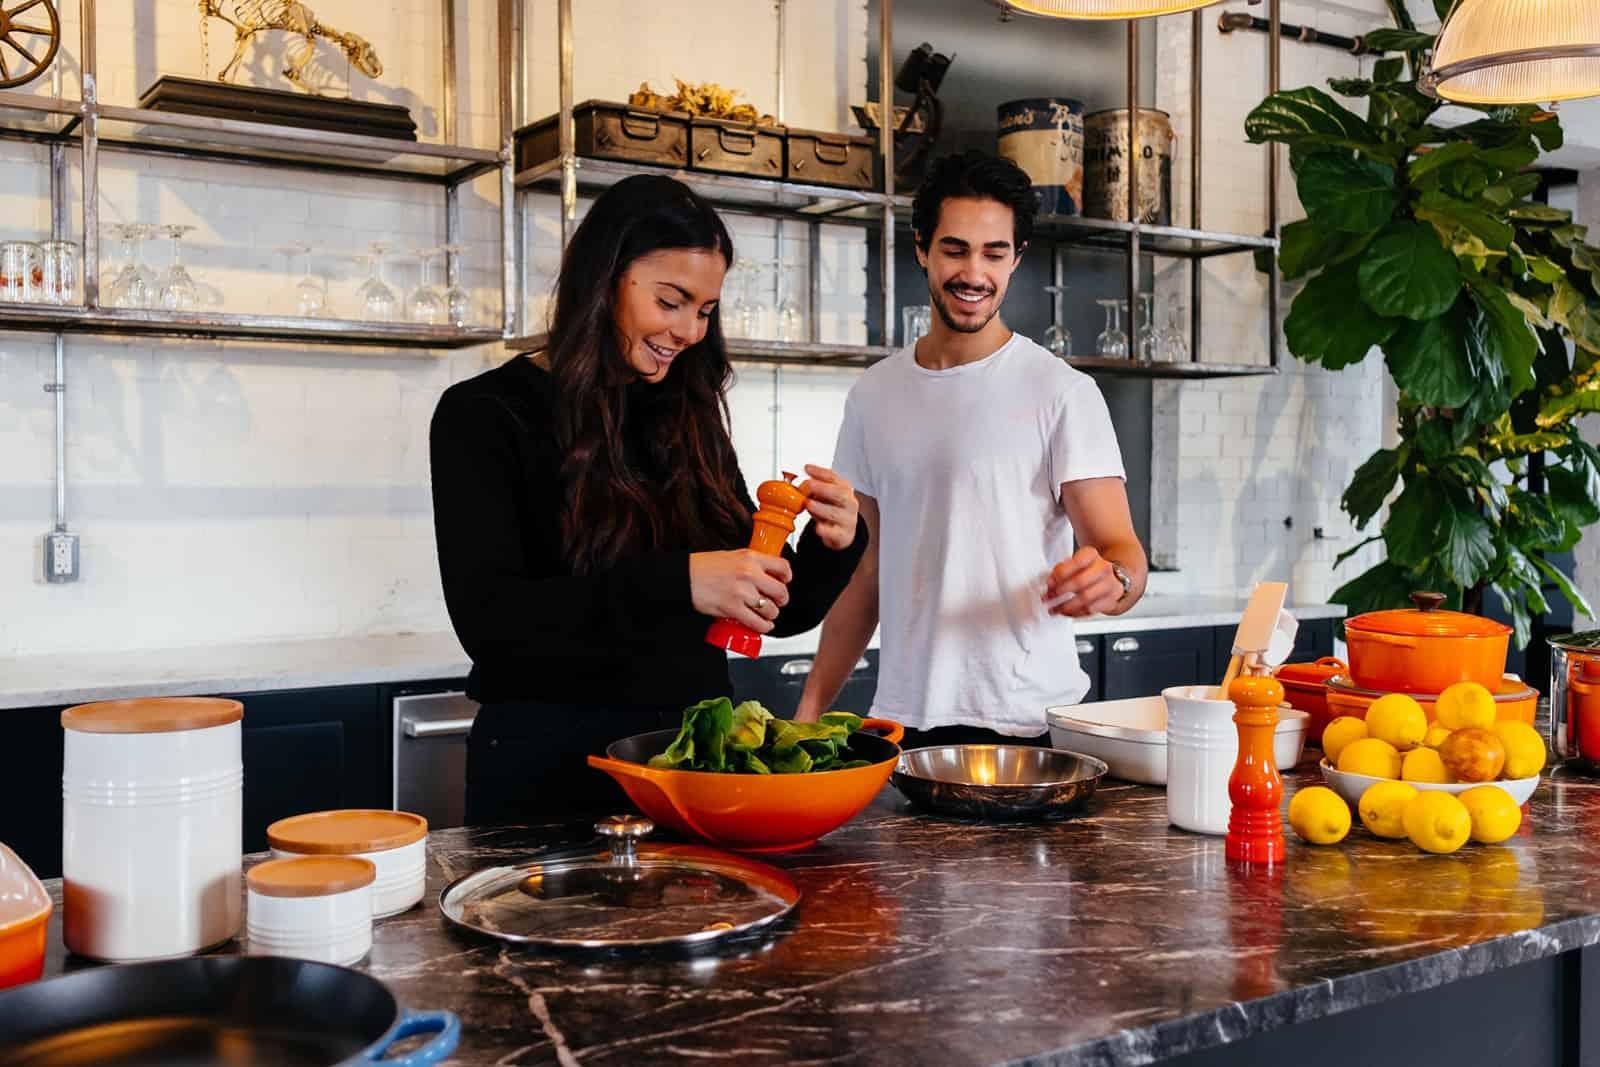 ein glückliches Paar, das in der Küche steht, während es eine Mahlzeit zubereitet